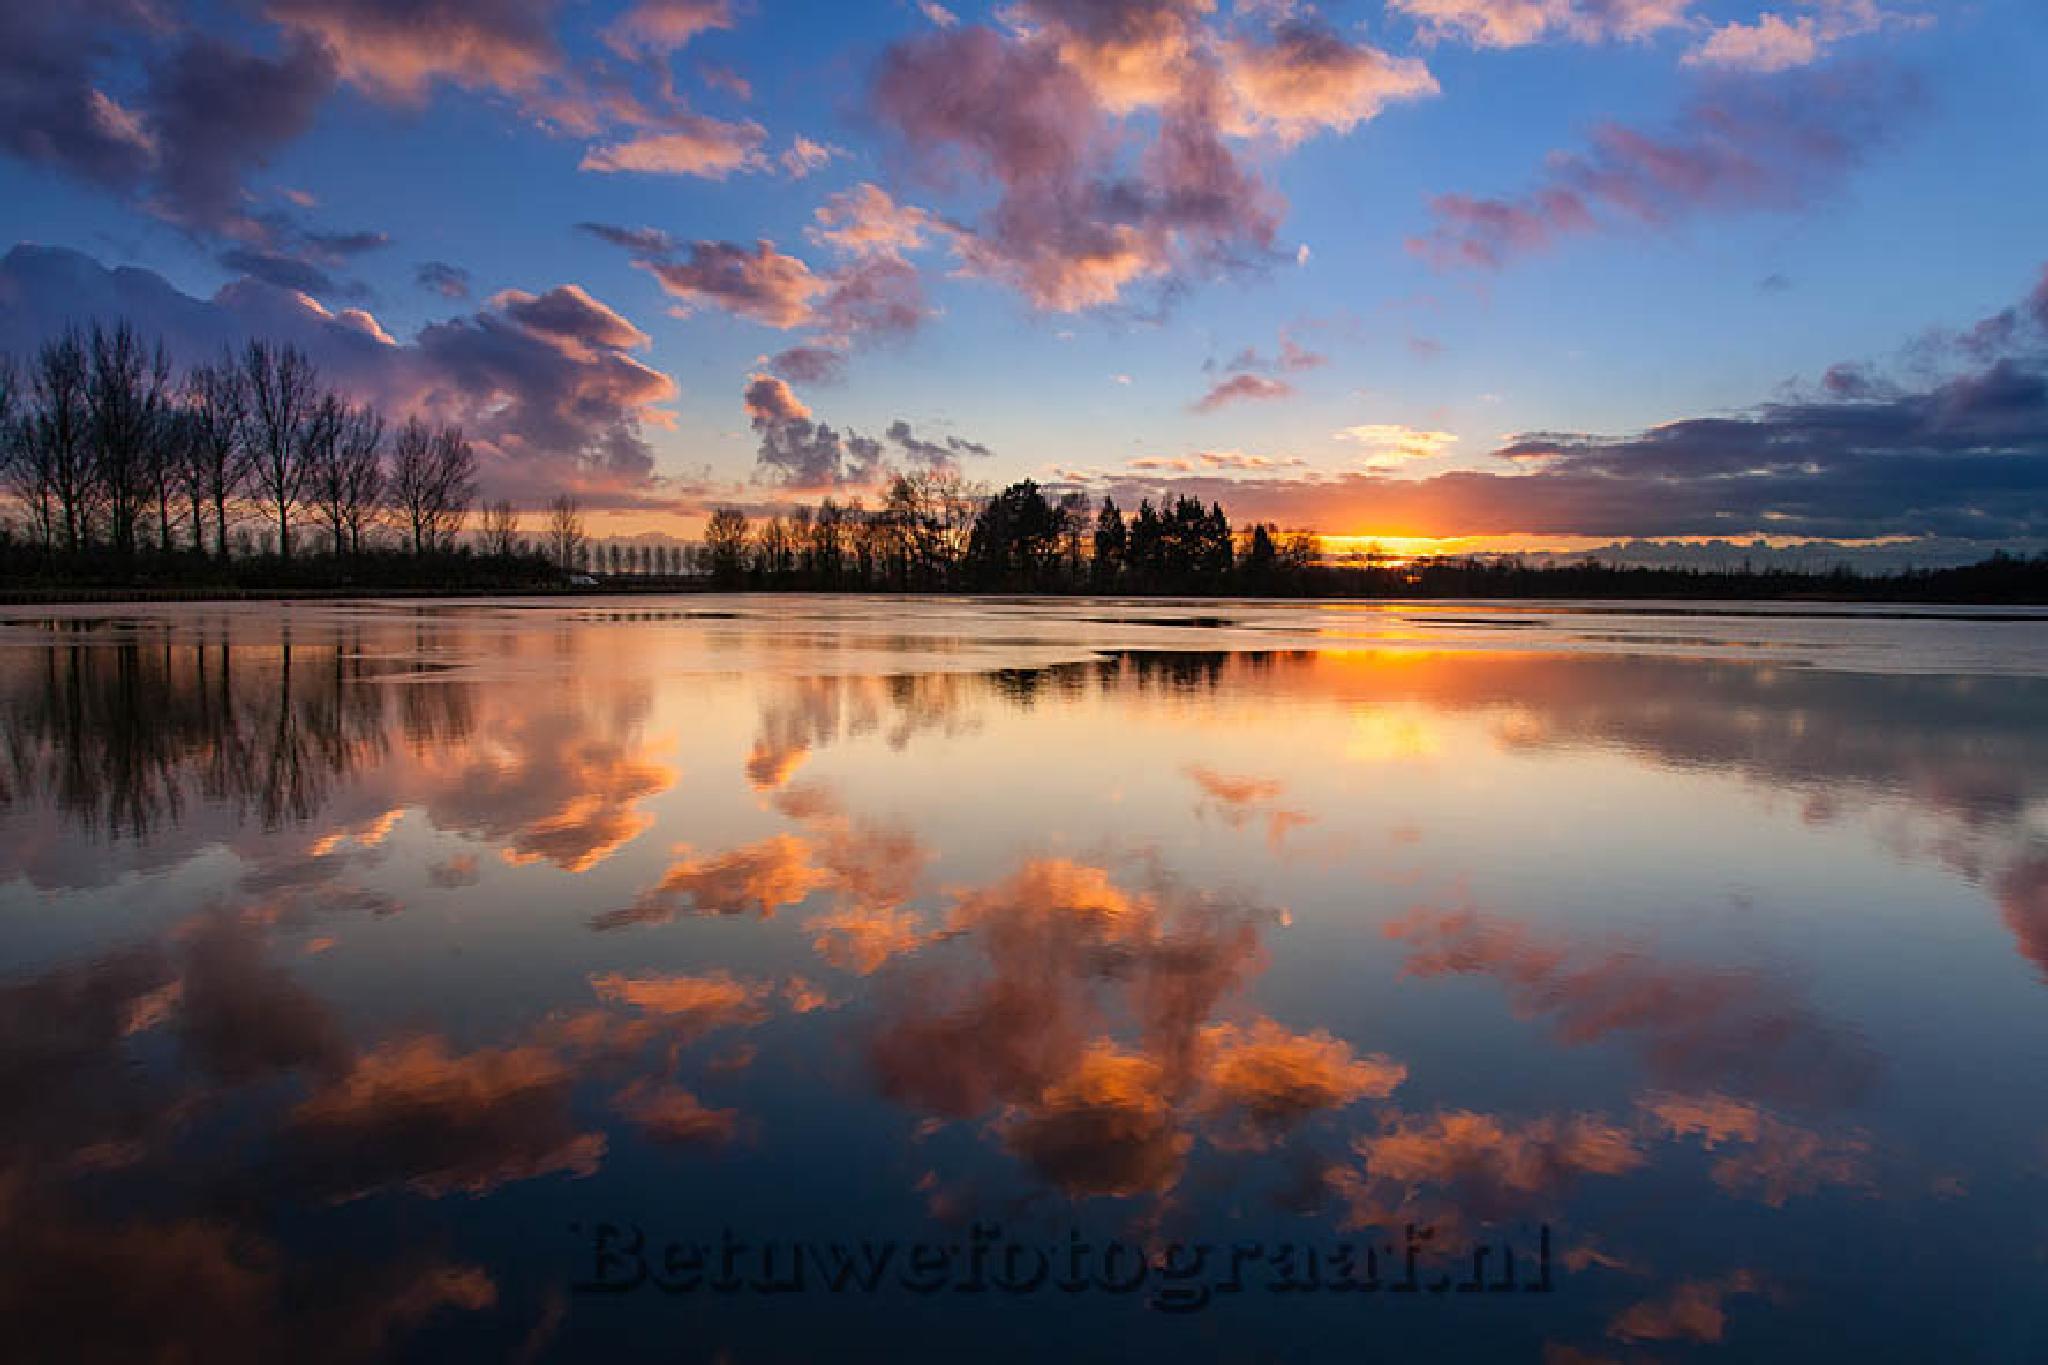 Sky in the mirror by Betuwefotograaf